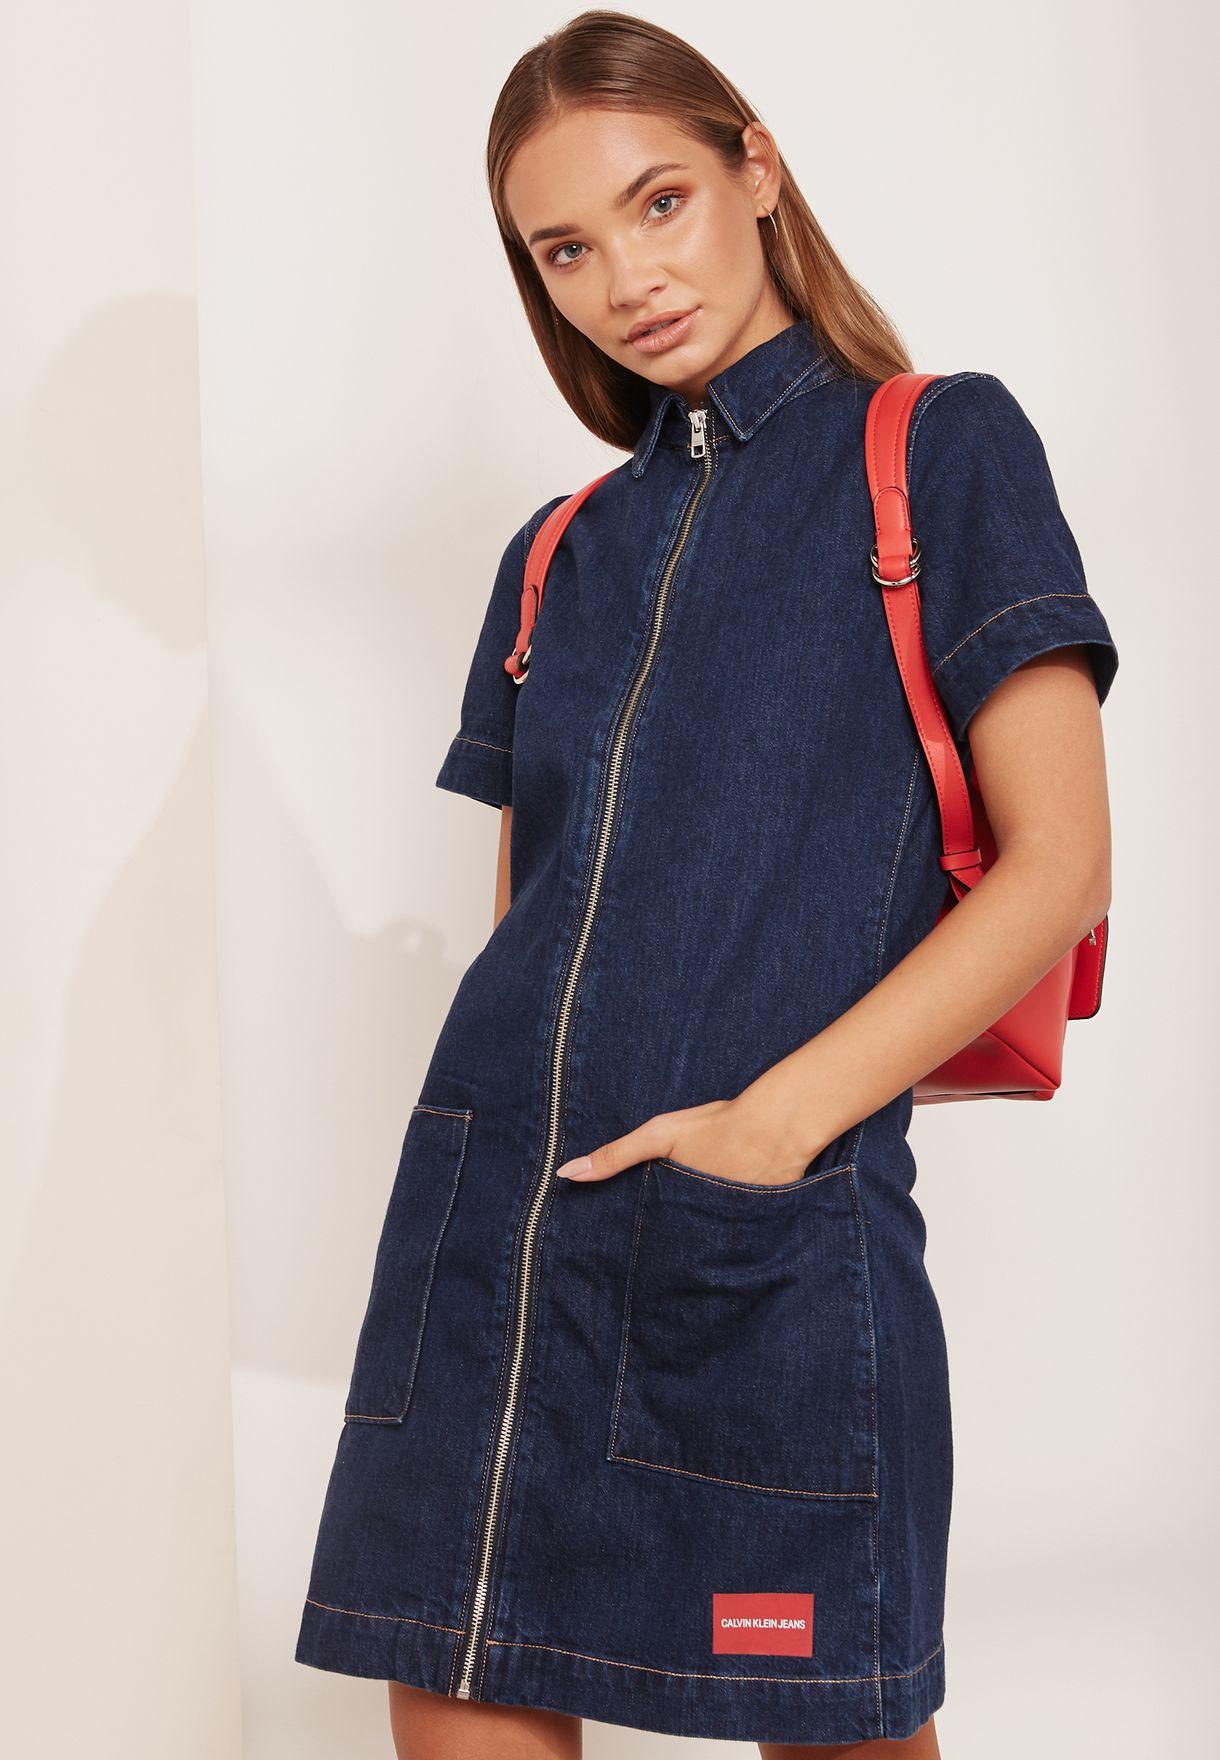 cce596fb604 Shop Calvin Klein Jeans blue Zip Front Denim Dress J20J207734 for ...